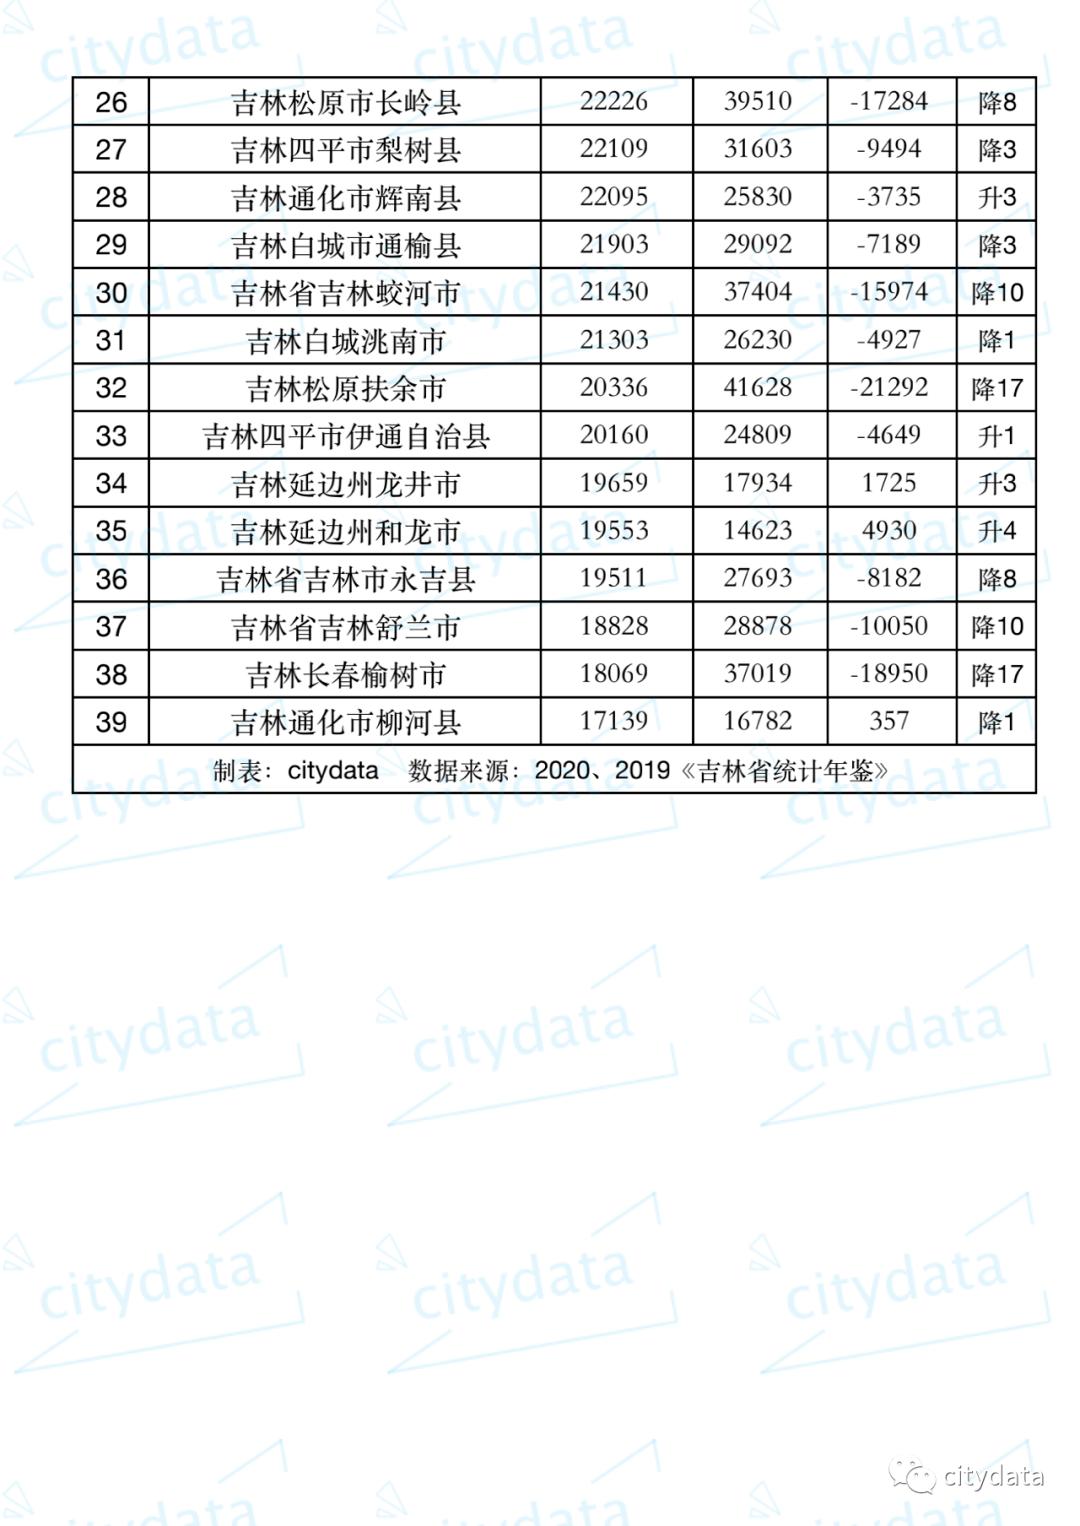 2019全国gdp人均排名_全国人均GDP排名:江苏独占三席,深圳跌至第五,广州退居第八